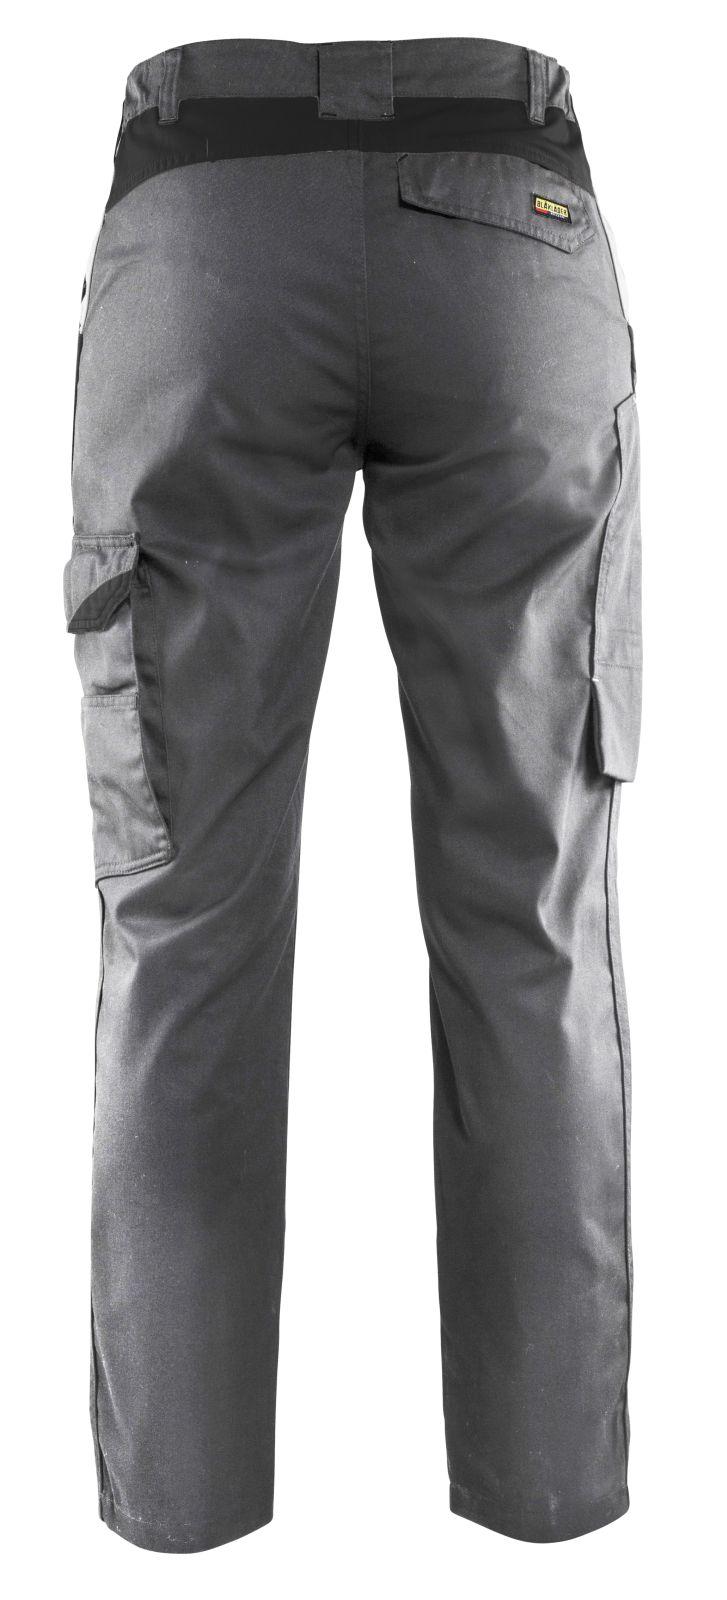 Blaklader Dames werkbroeken 71041800 grijs-zwart(9499)